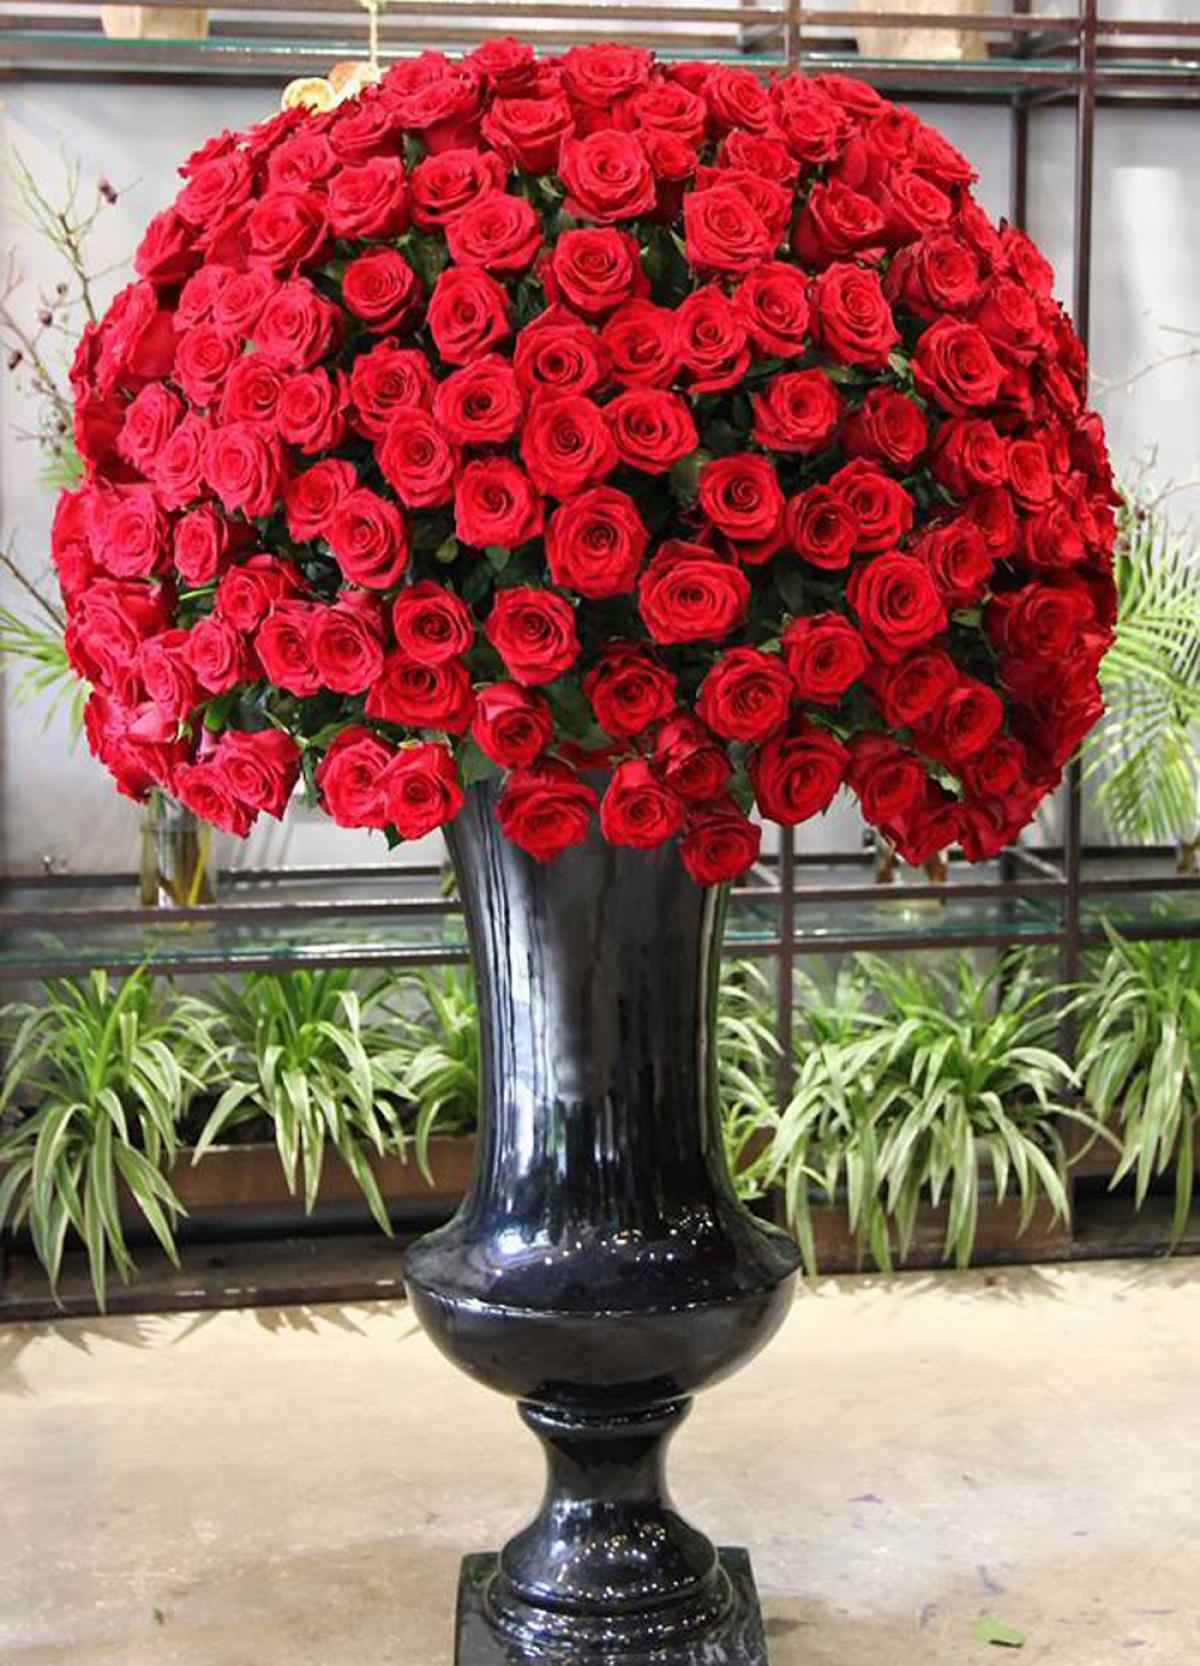 Dịp lễ 20/10 năm nay, ở phân khúc cao cấp có nhiều bình hoa giá vài chục triệu đồng. Trong ảnh là bình hoa gồm 300 bông hồng Ecuador nhập khẩu được rao bán hơn 50 triệu đồng. (Ảnh: Zing)